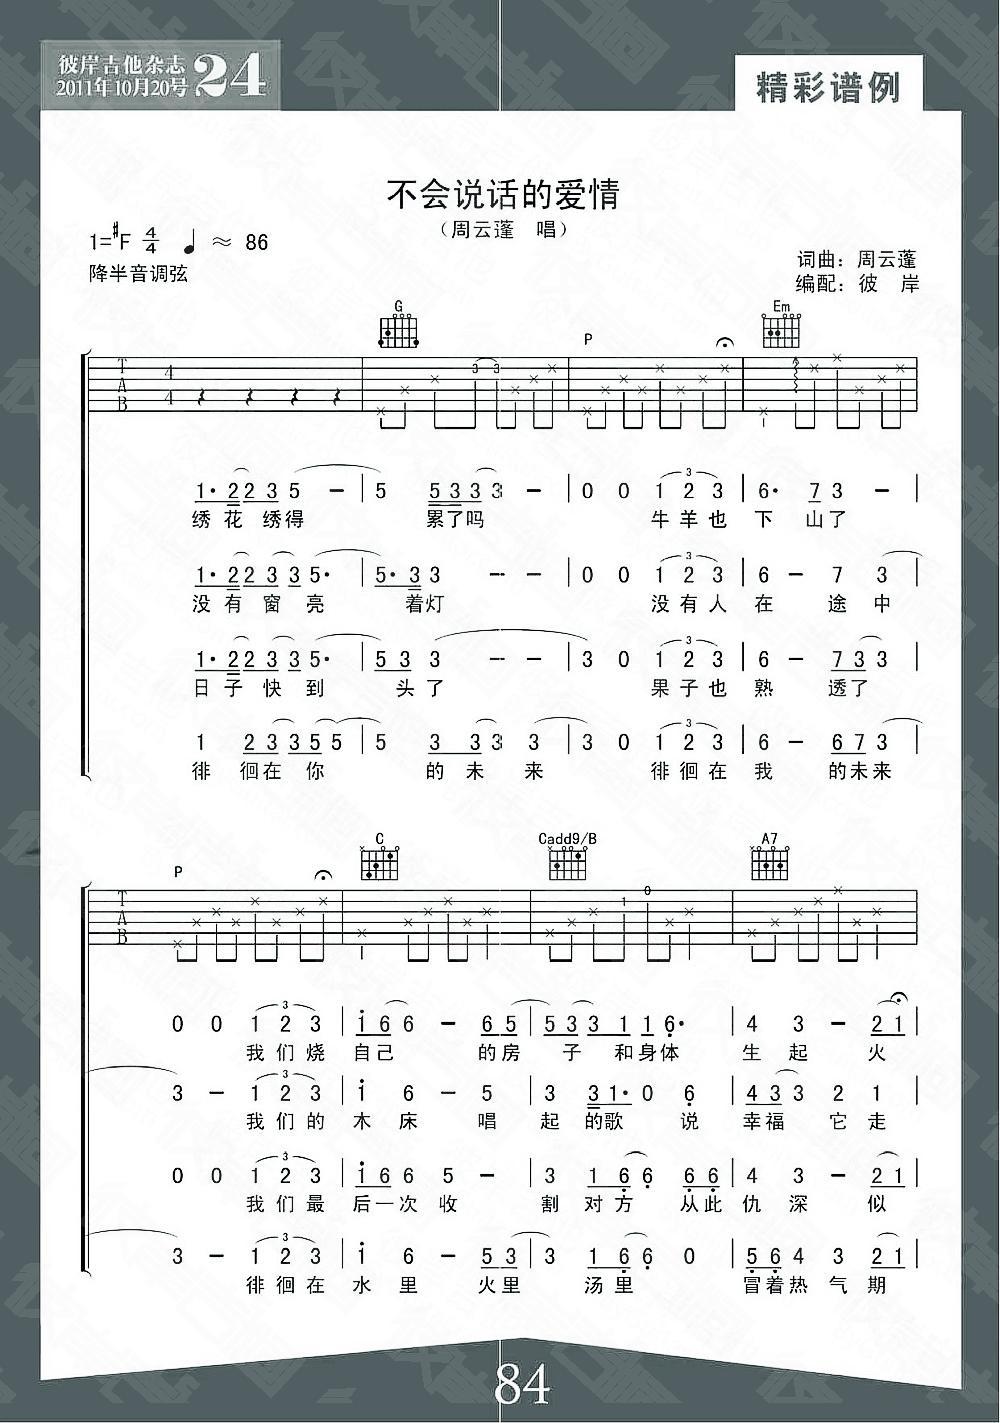 不会说话的爱情的吉他谱 周云蓬 彼岸吉他中国第一吉他网络杂志